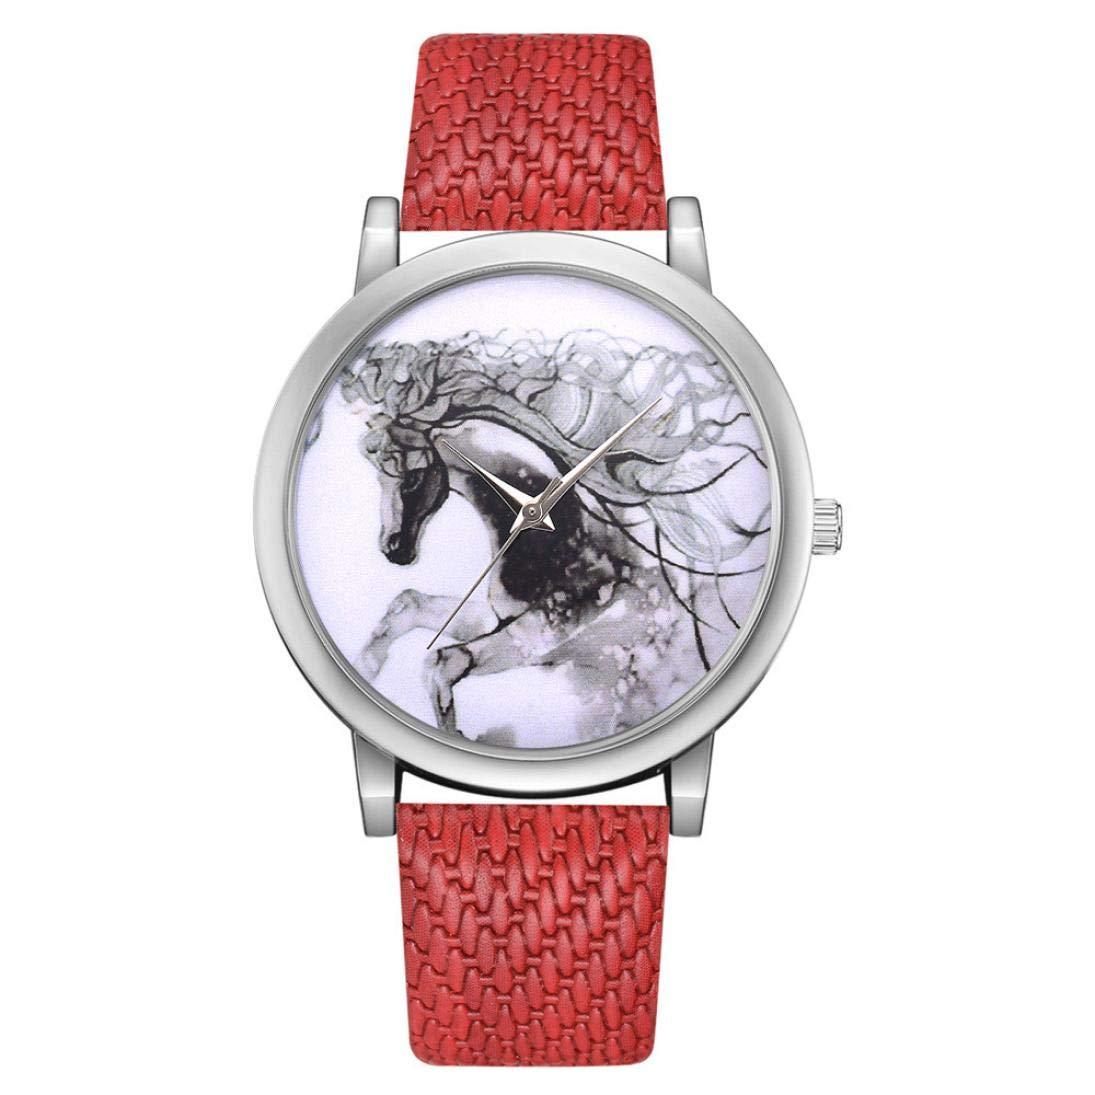 Axiba Woman Fashion Leather Band Analog Quartz Round Wrist Watch Watches Dress Wrist Watch,Sport Watch,Casual Watch,Bracelet Watch (I)